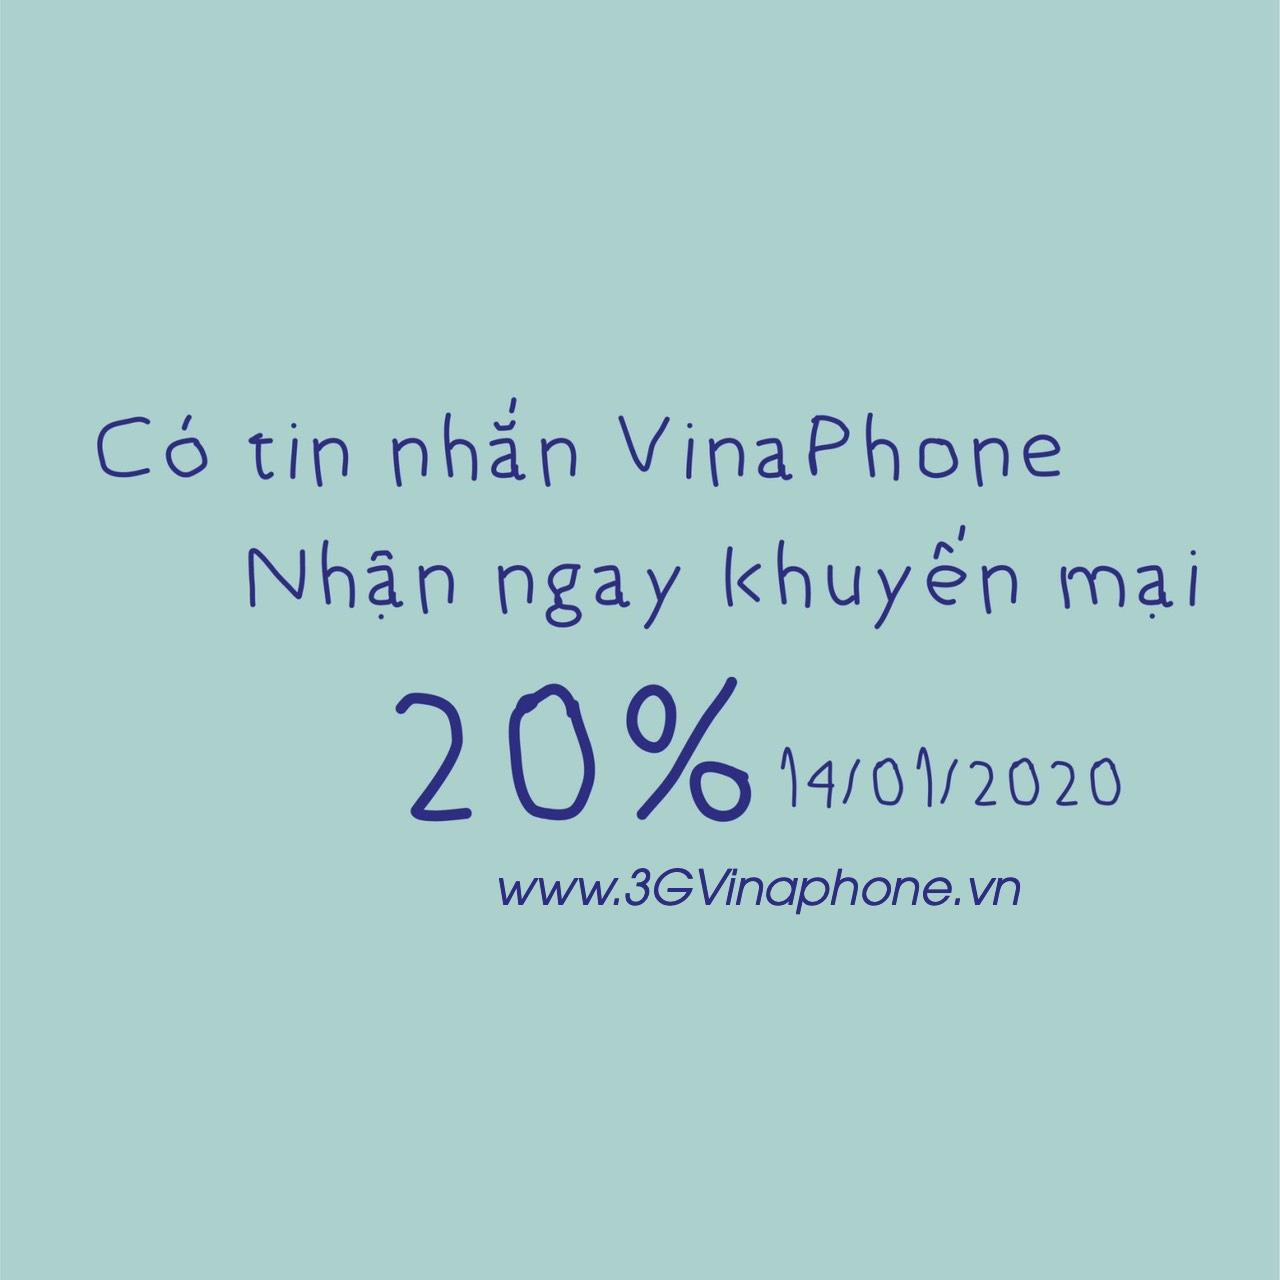 Khuyến mãi Vinaphone ngày vàng 14/1/2020 tặng 20% giá trị thẻ nạp